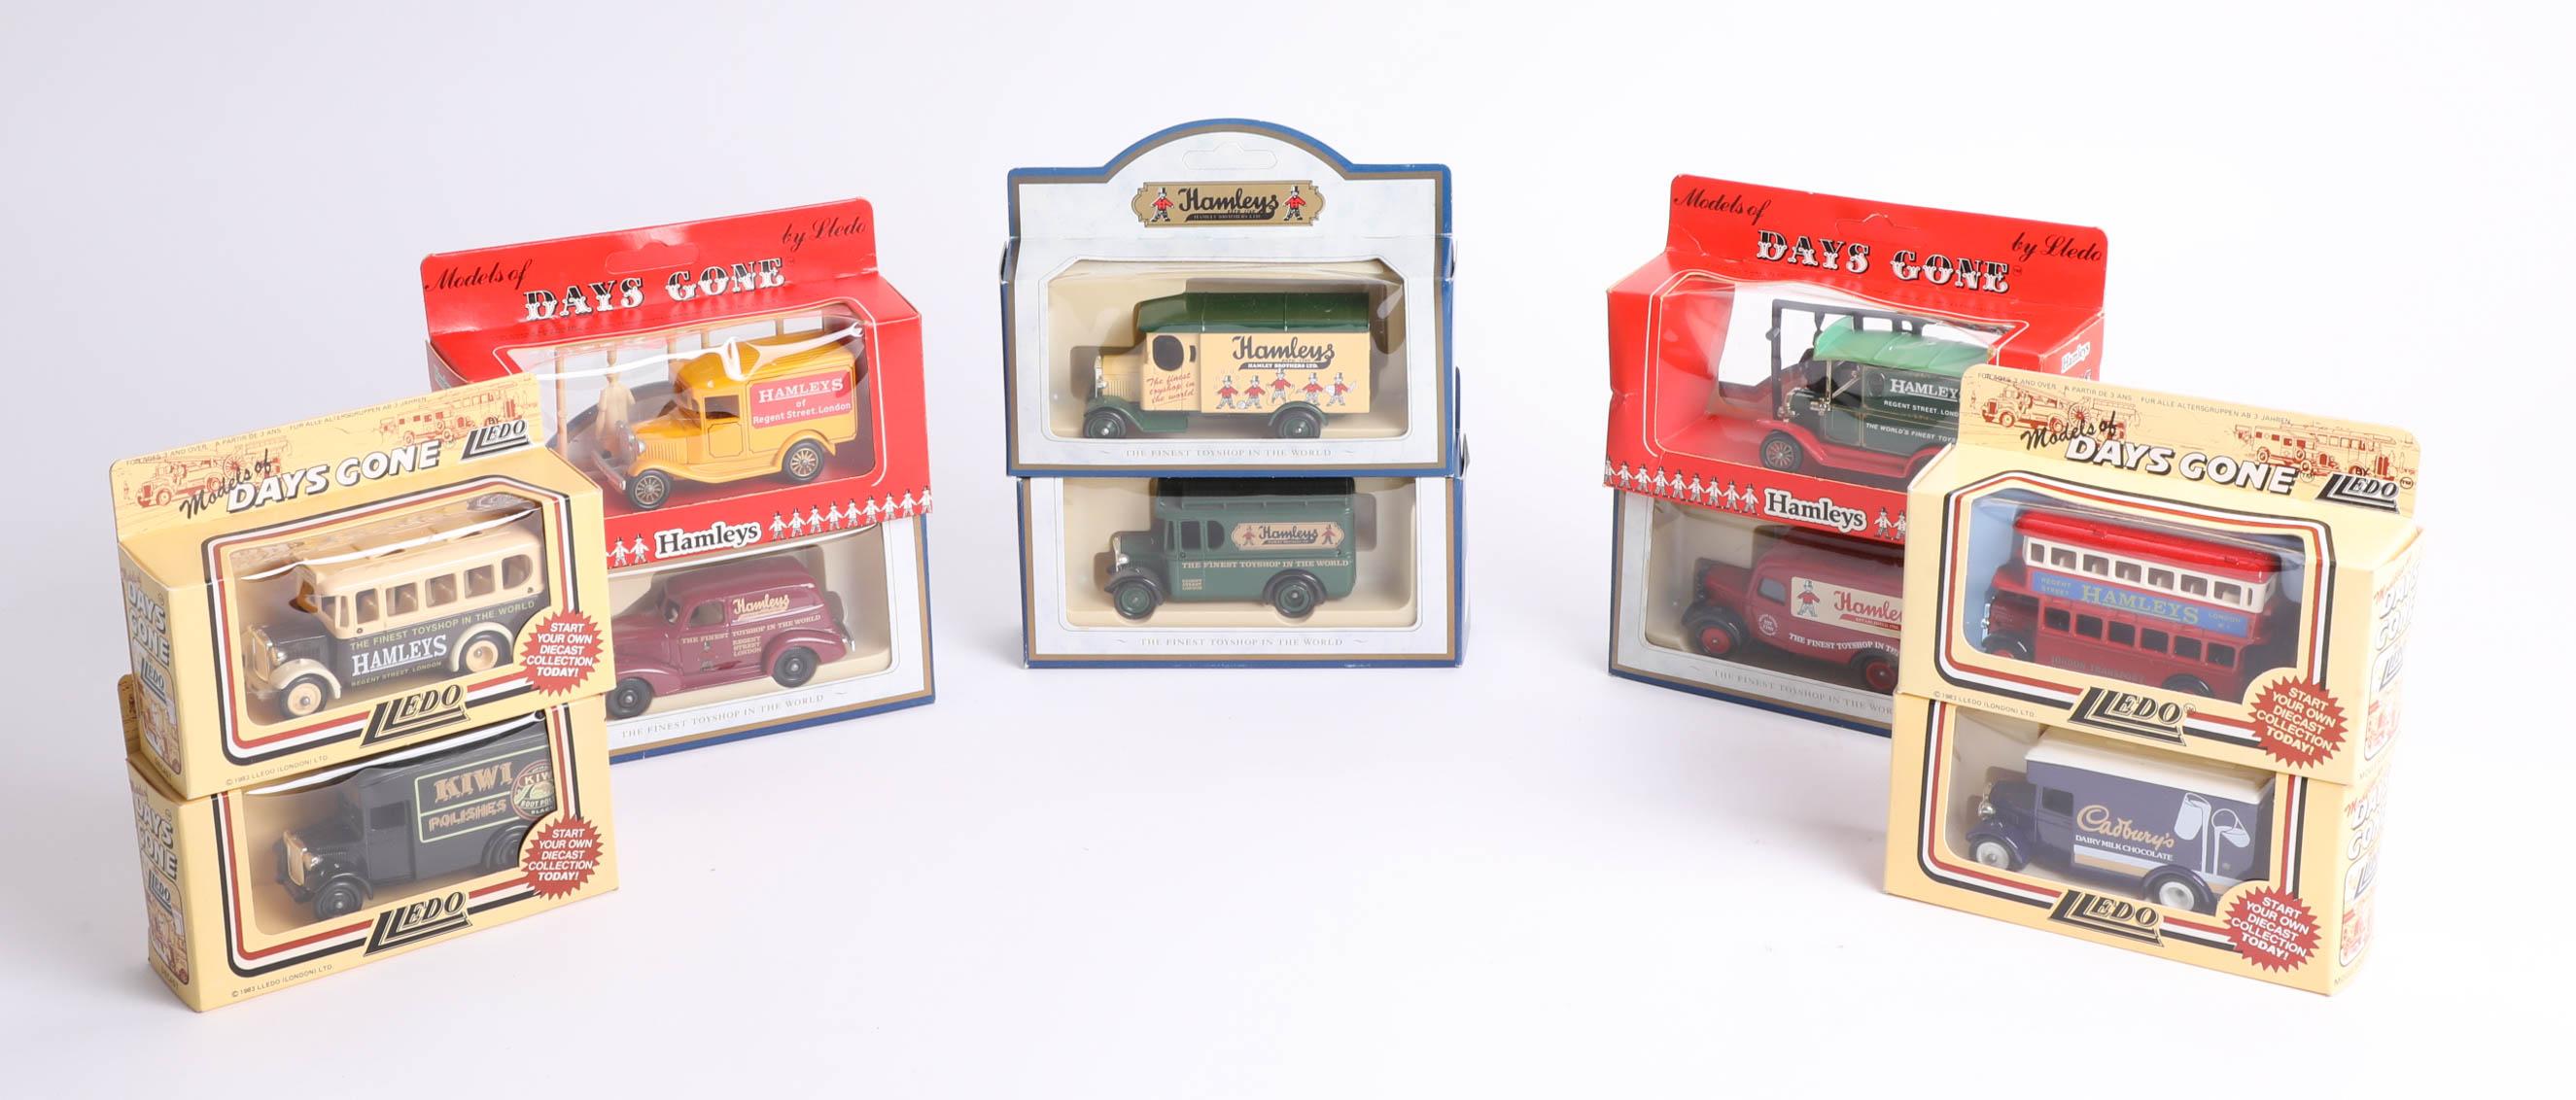 Lot 039 - Twenty-two 'Days Gone' diecast cars. (22)